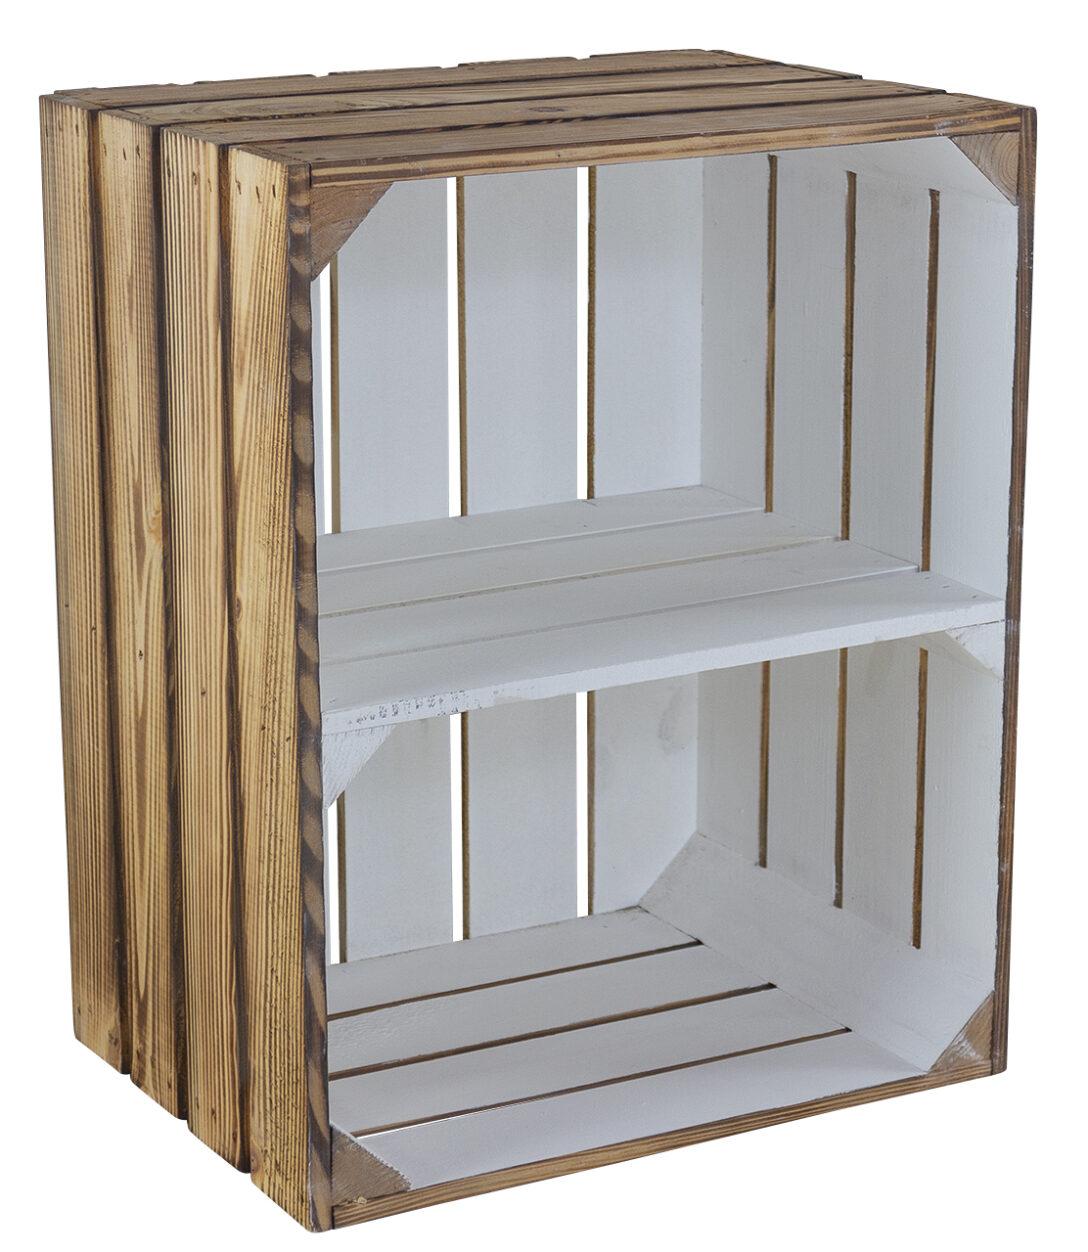 Large Size of Kisten Regal Badmöbel Aus Weinkisten Schmal Küchen Mit Türen Regale Keller Industrie Schlafzimmer Schreibtisch Obstkisten Badezimmer Cd Holz Hoch Holzregal Regal Kisten Regal